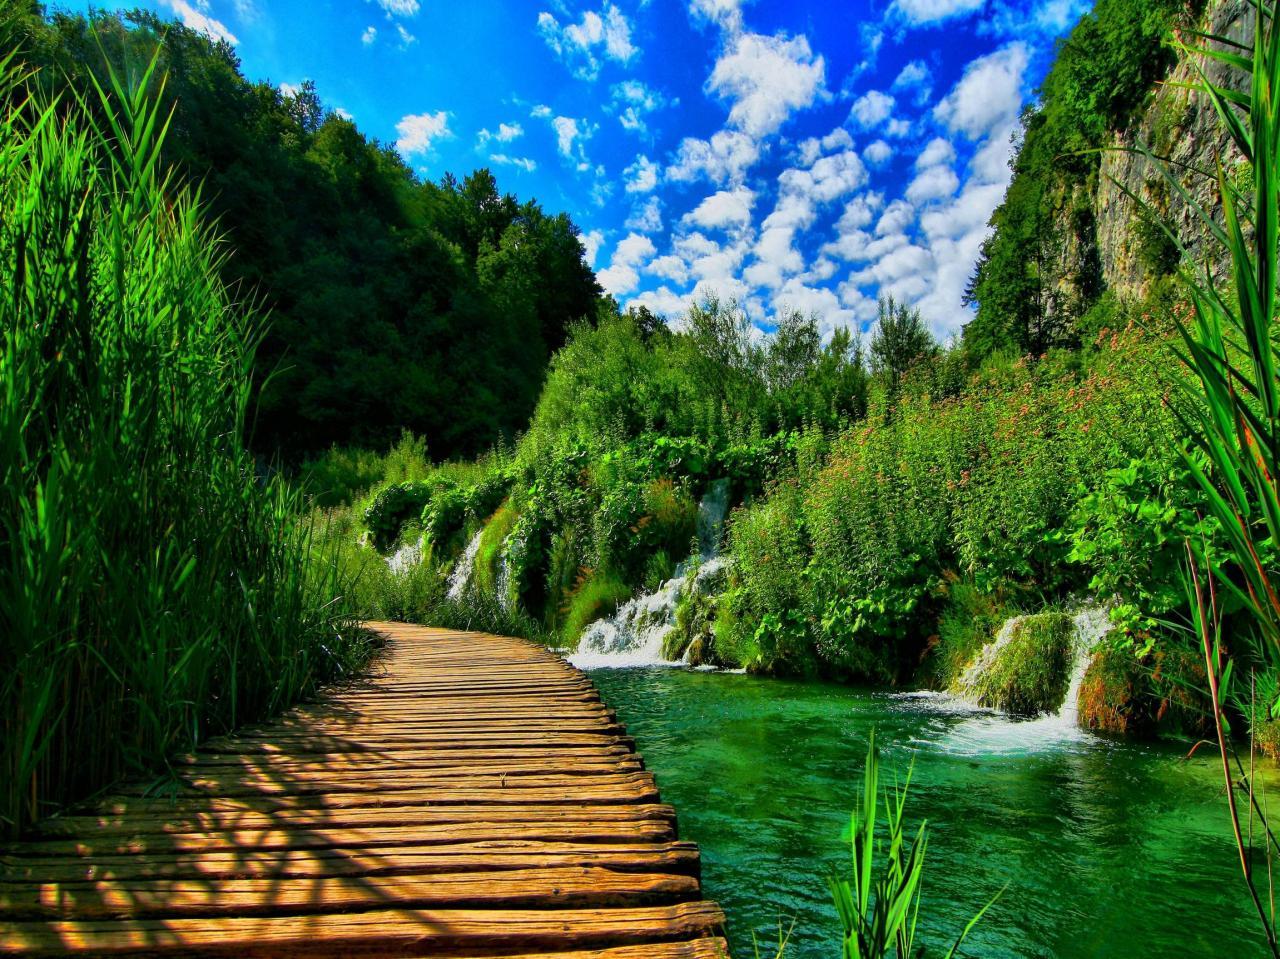 خلفيات مناظر طبيعية خلابة اروع المناظر التى تشاهدها فى العالم حلوه خيال